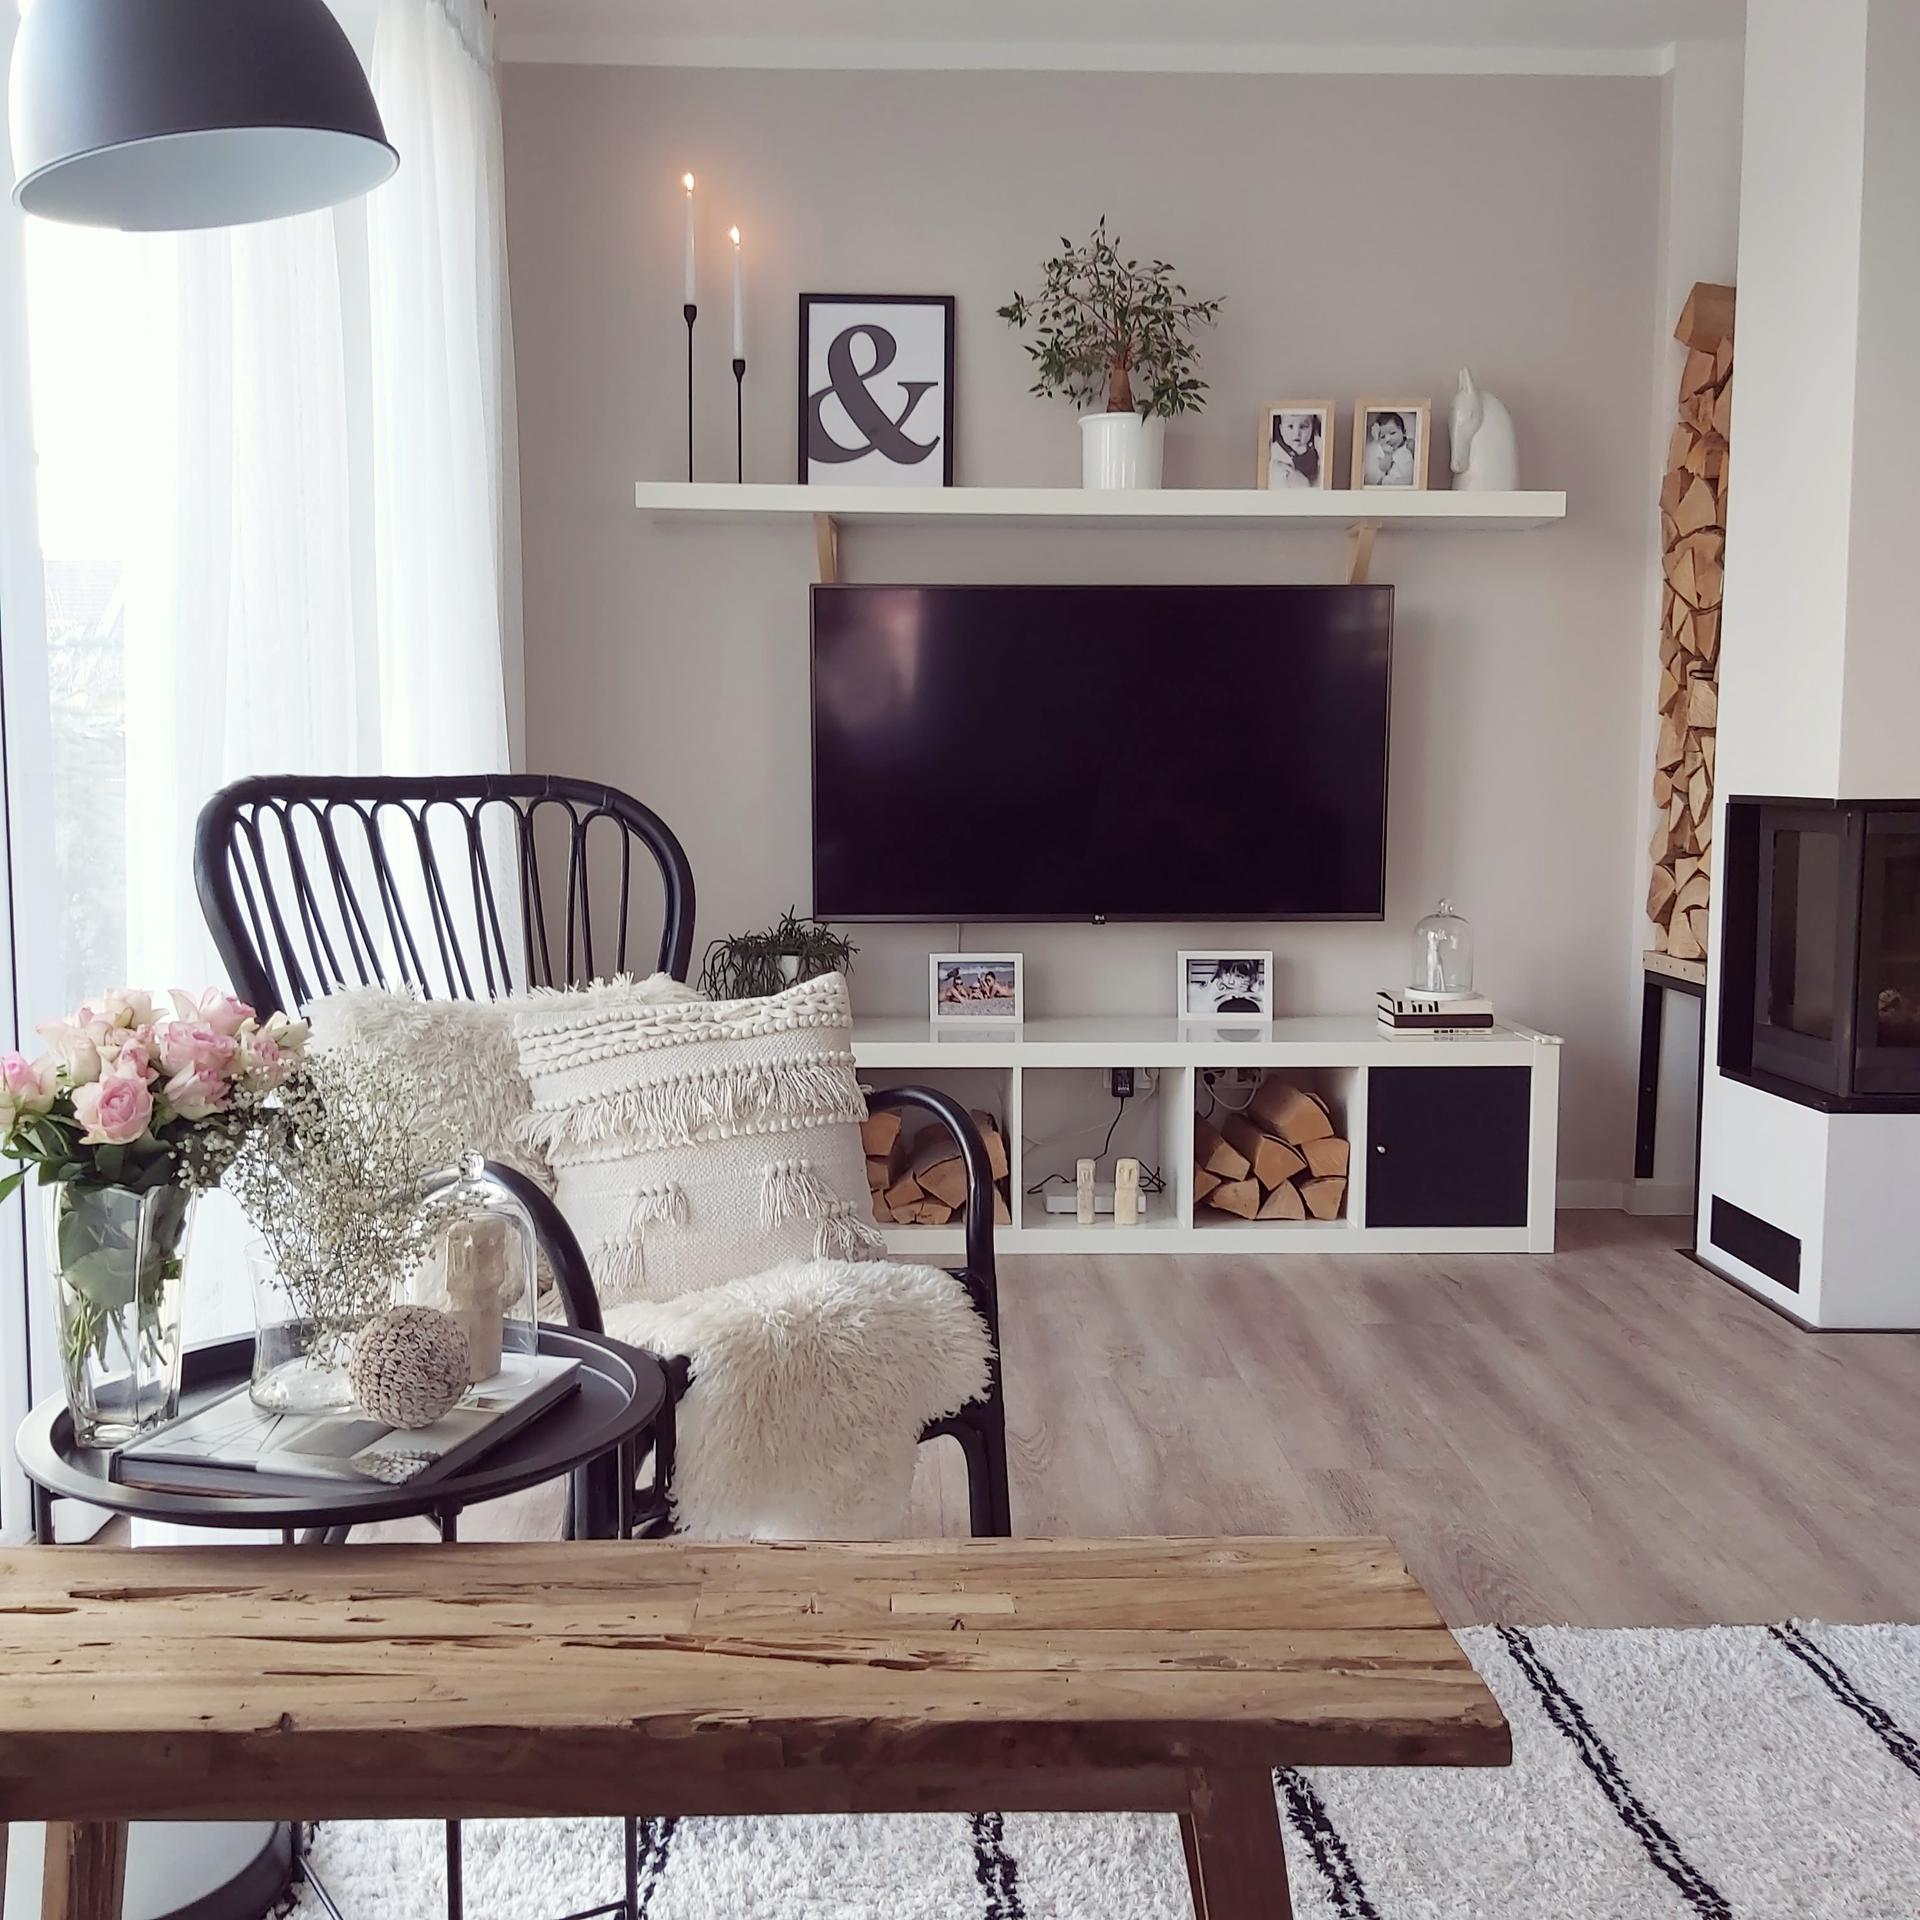 obývací pokoj - Obrázek č. 5